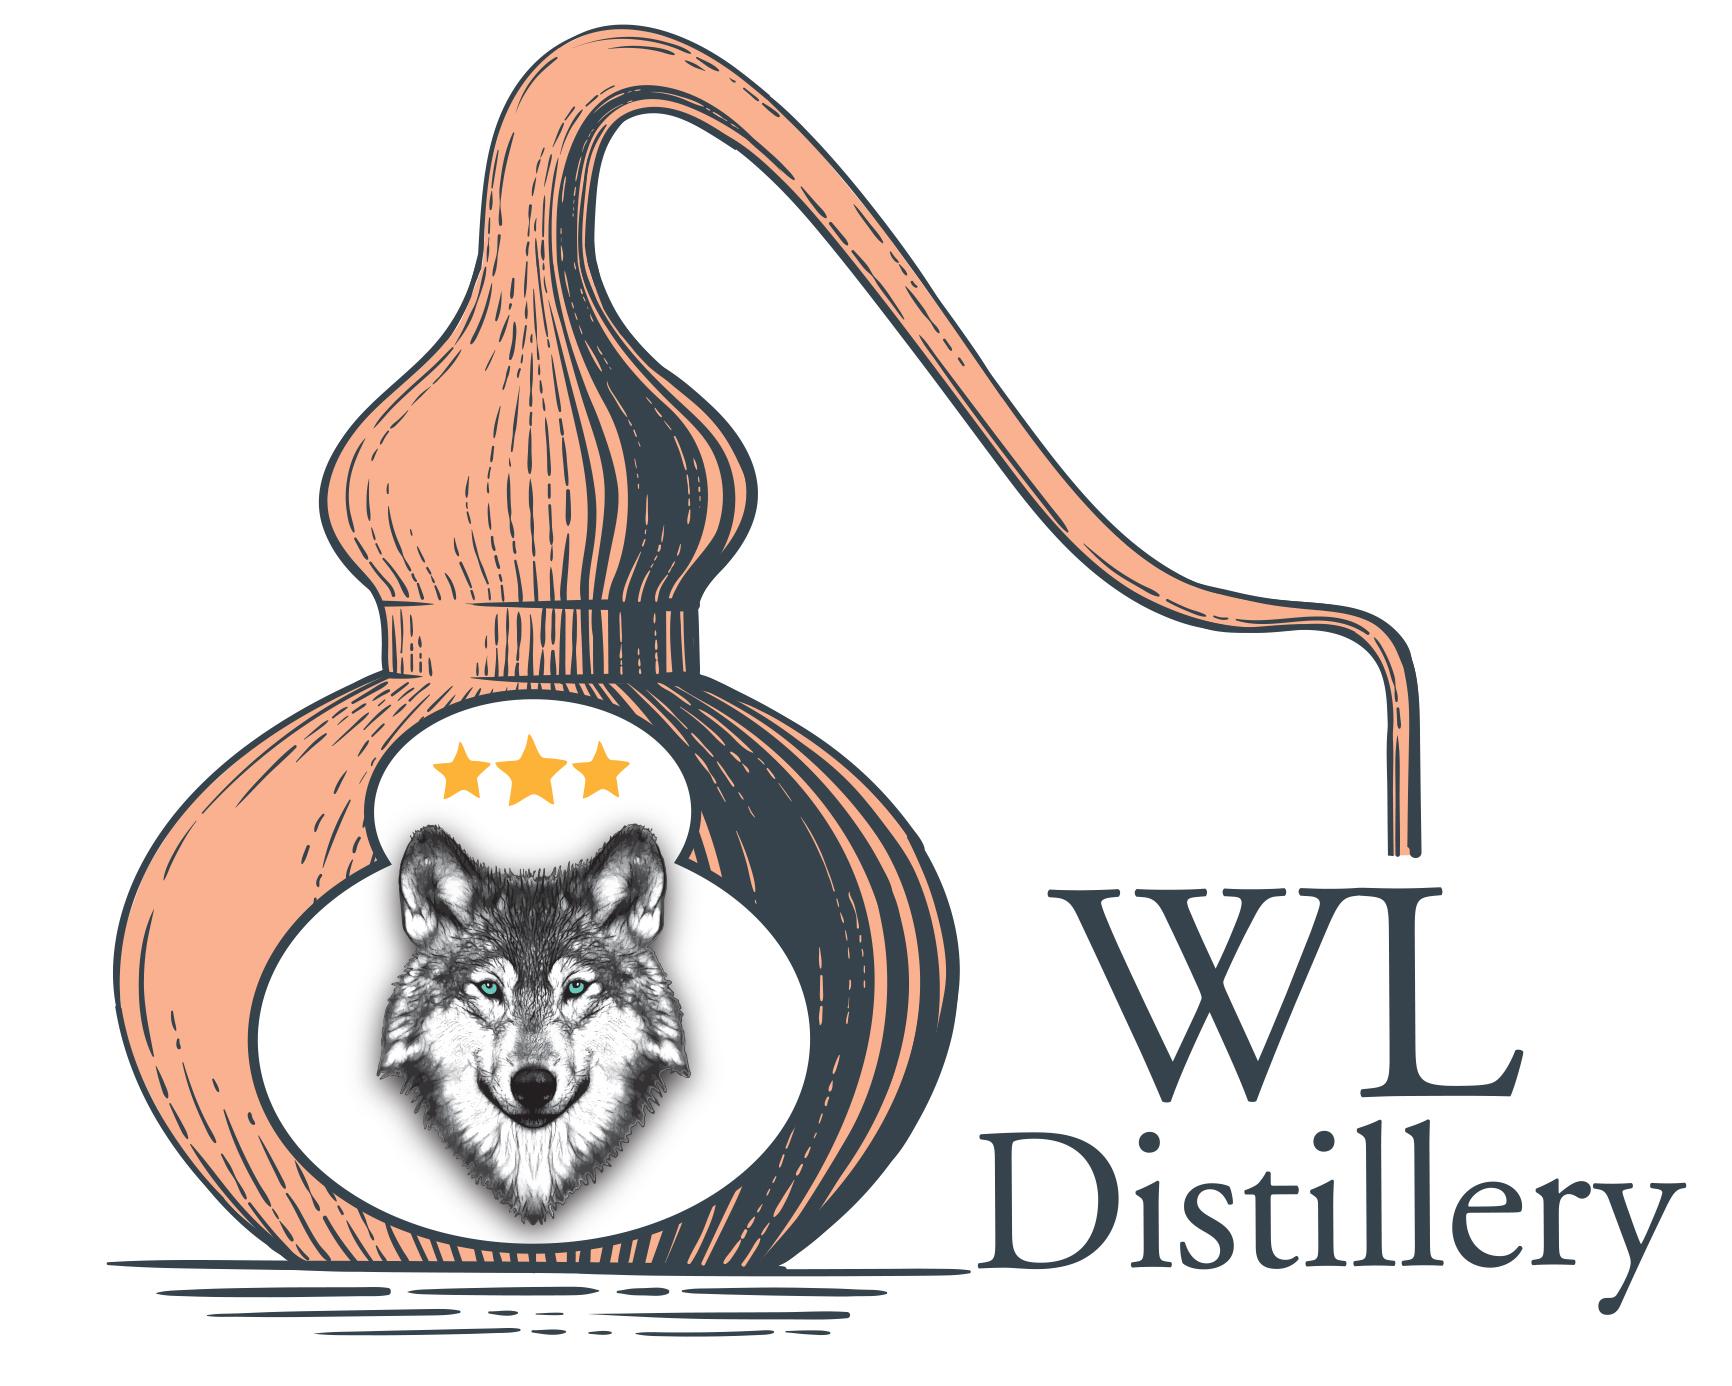 WL Distillery Image